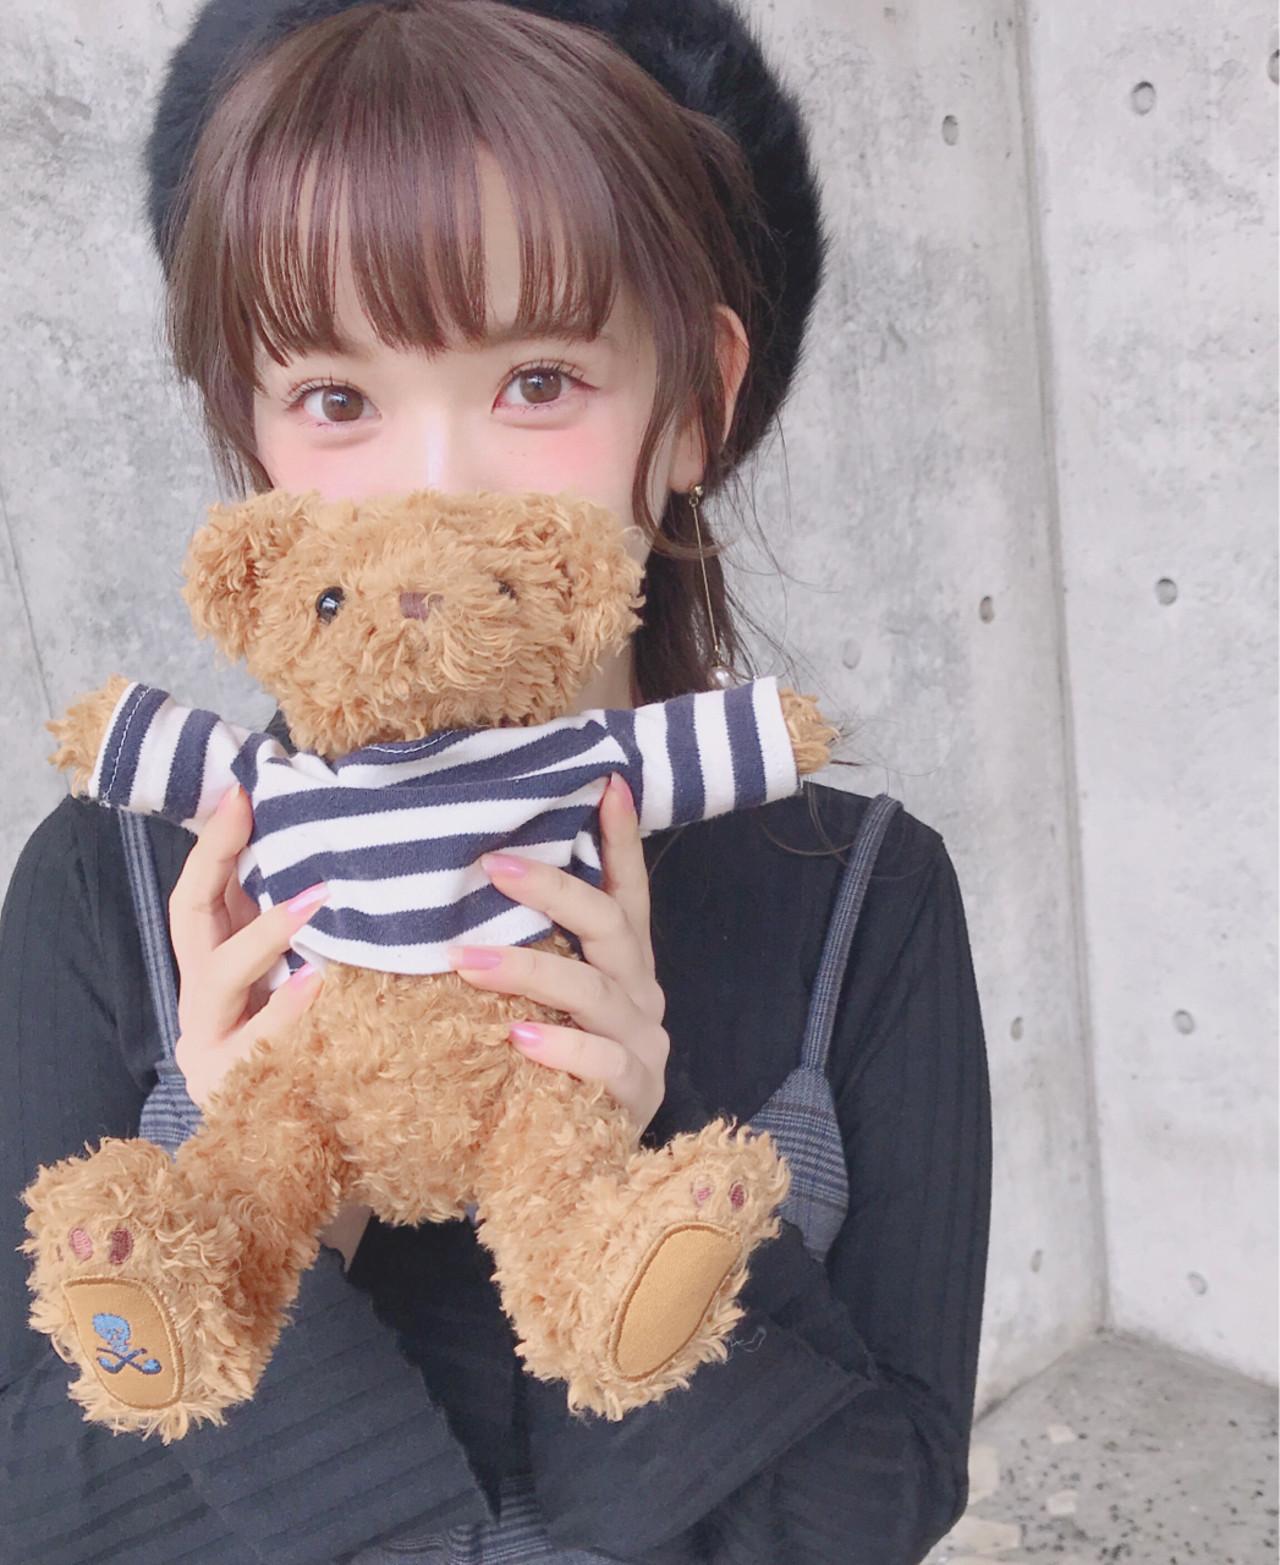 ガーリー 簡単ヘアアレンジ ミディアム 冬 ヘアスタイルや髪型の写真・画像 | Wataru Maeda / cache cache